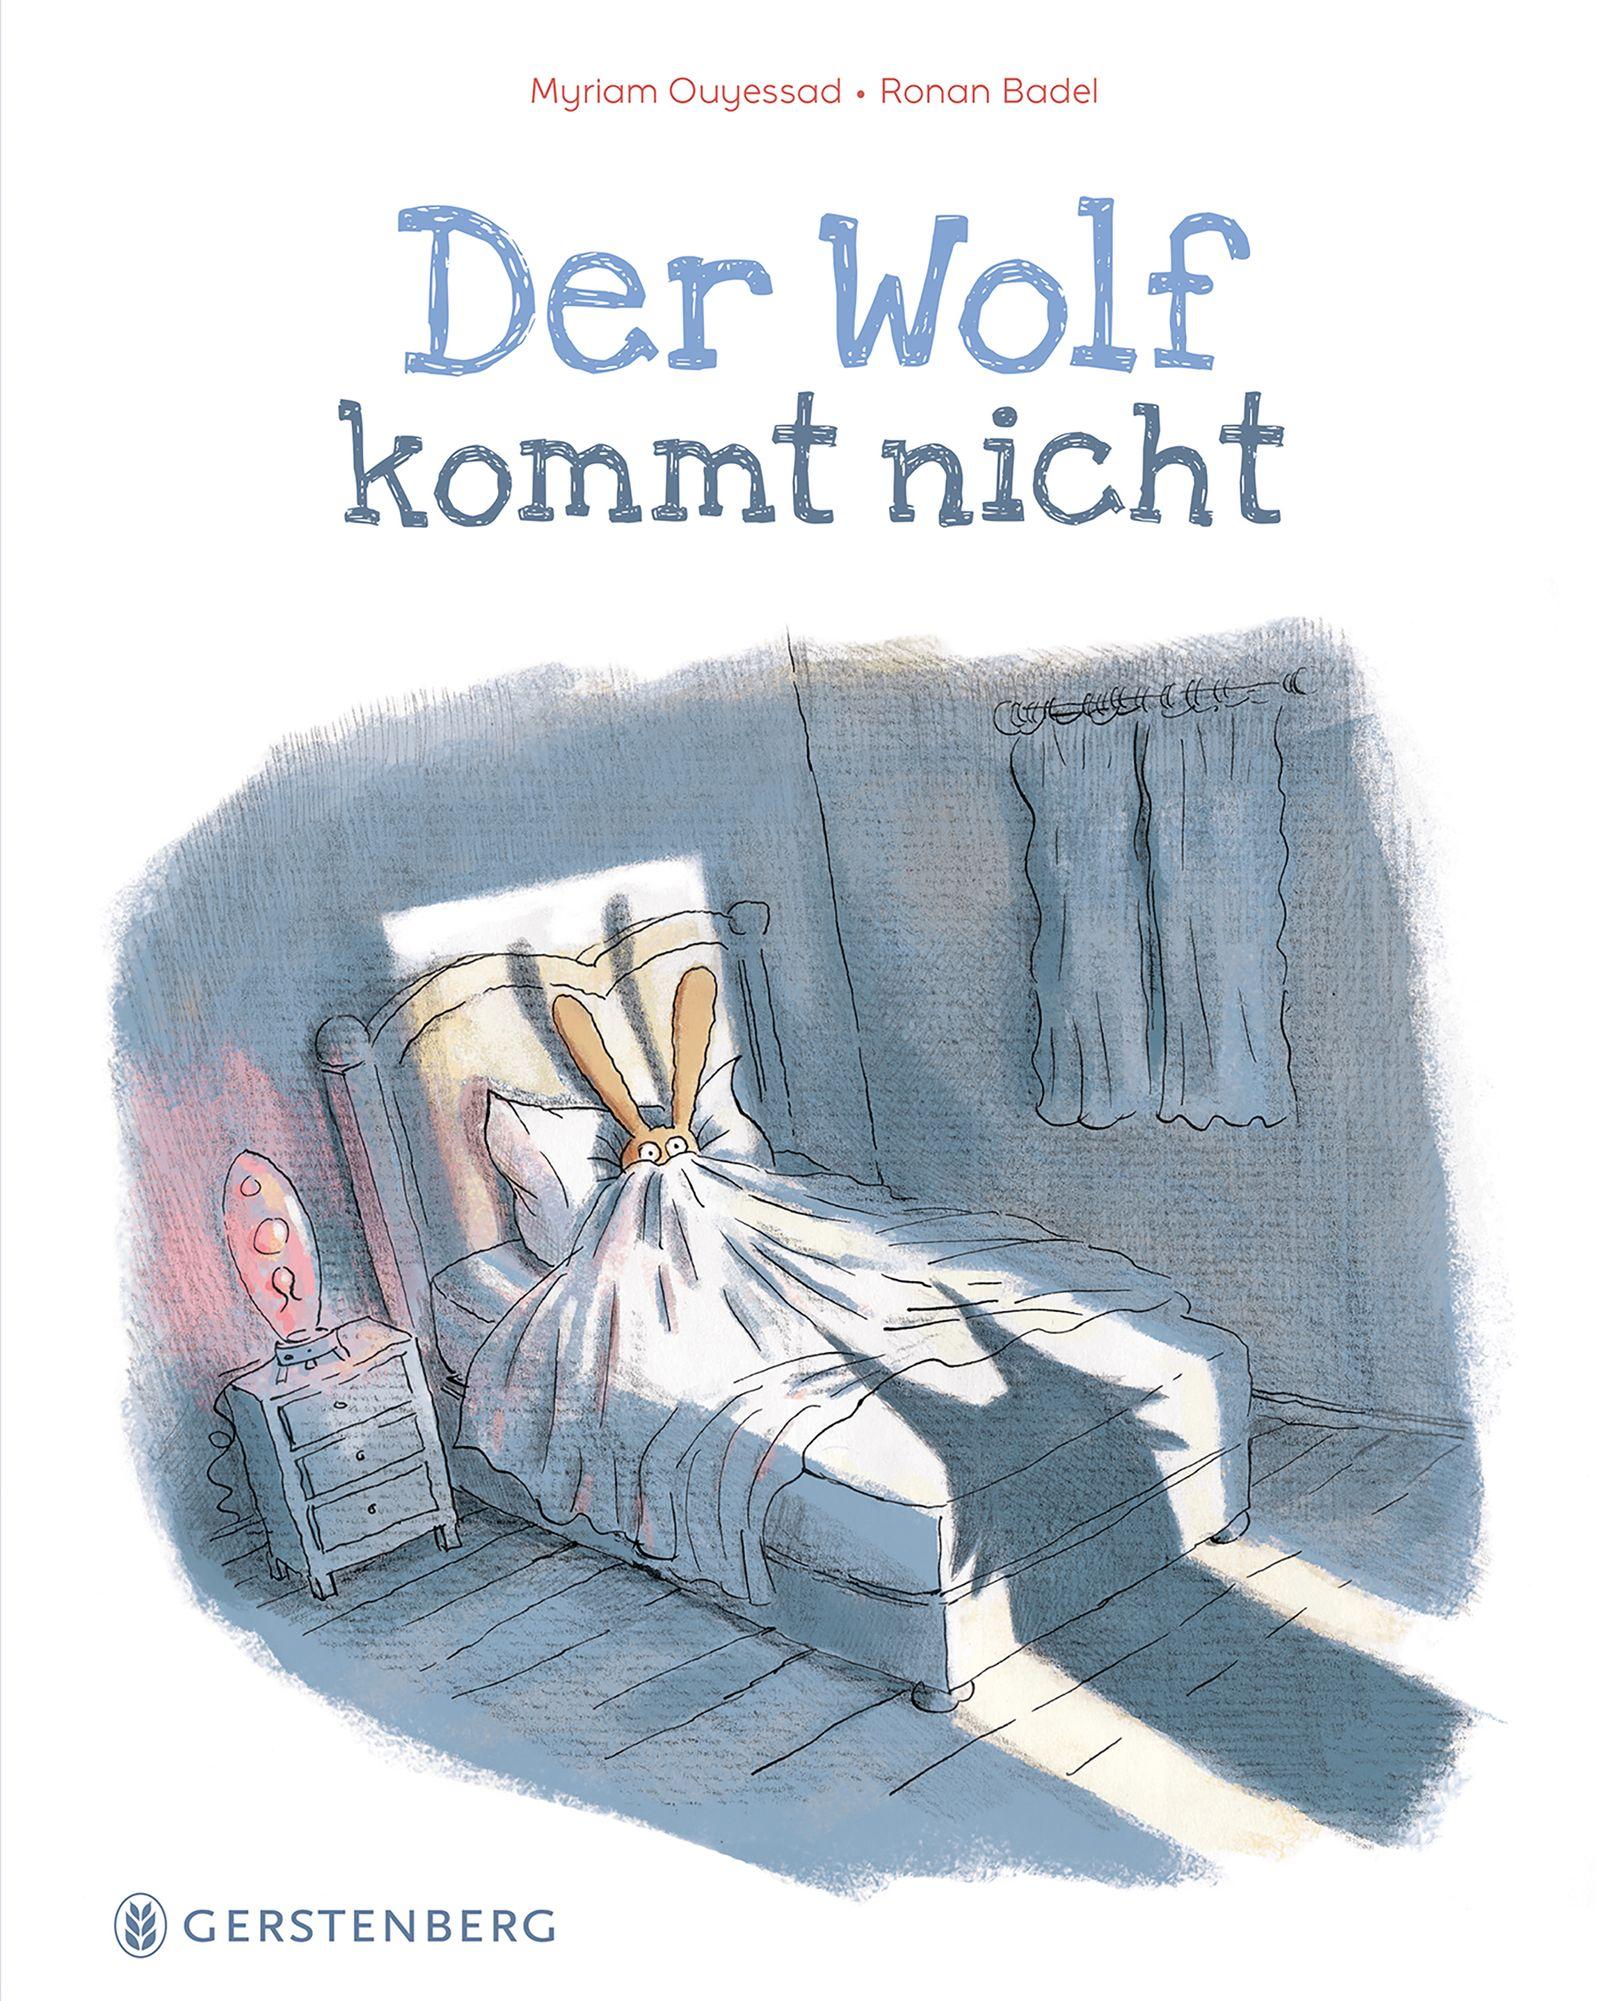 Kinderbücher/ Ronan Bardel & Myriam Ouyessad: Der Wolf kommt nicht COVER